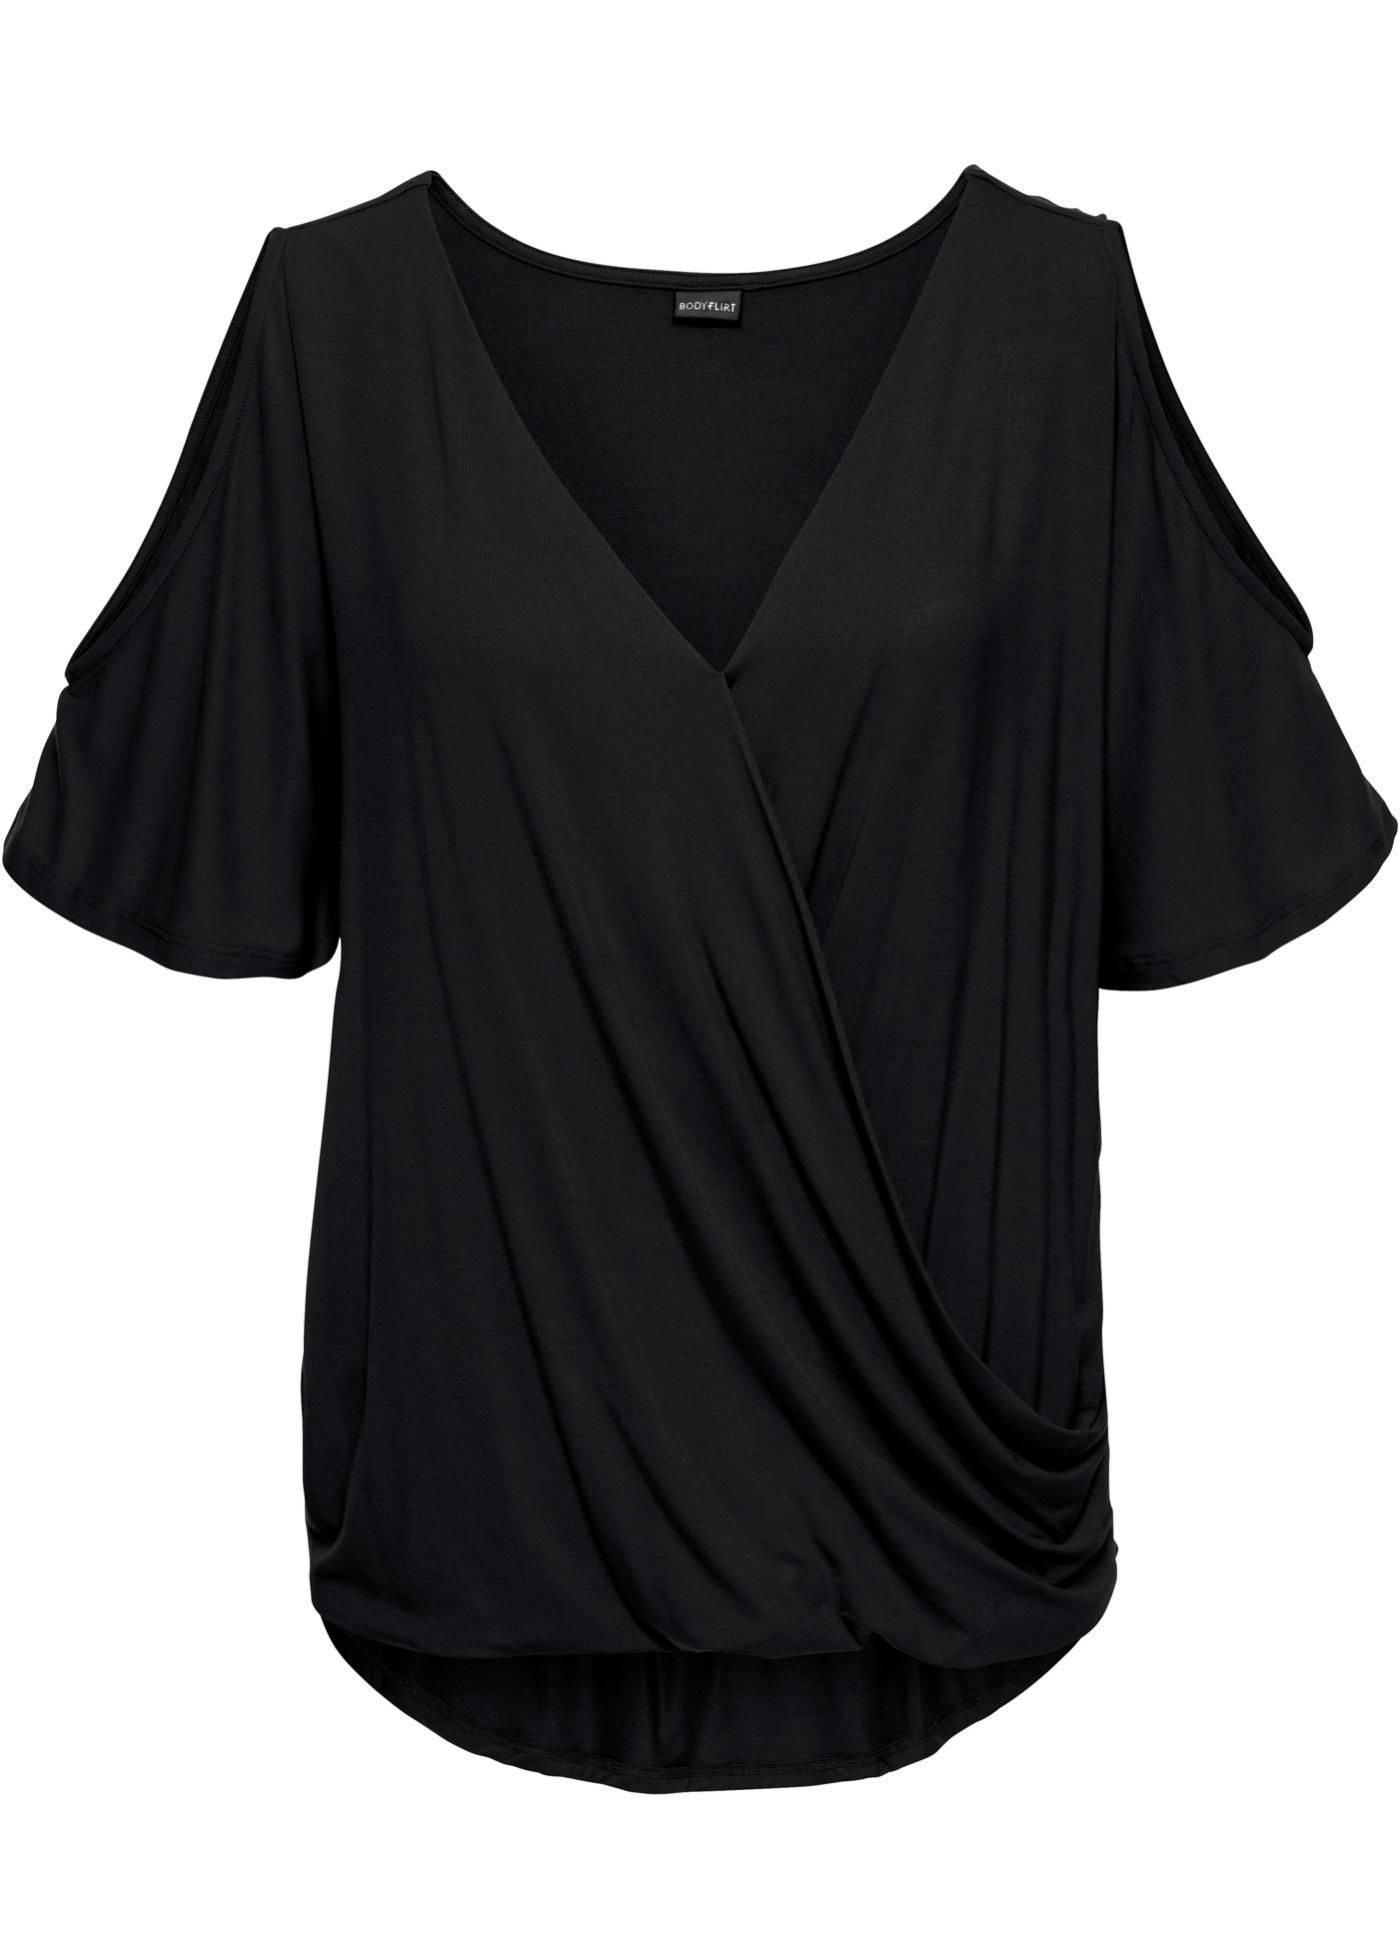 Bodyflirt Femme Avec 4 shirt Manches 3 Noir Pour Découpe BonprixT IYHW9eE2D